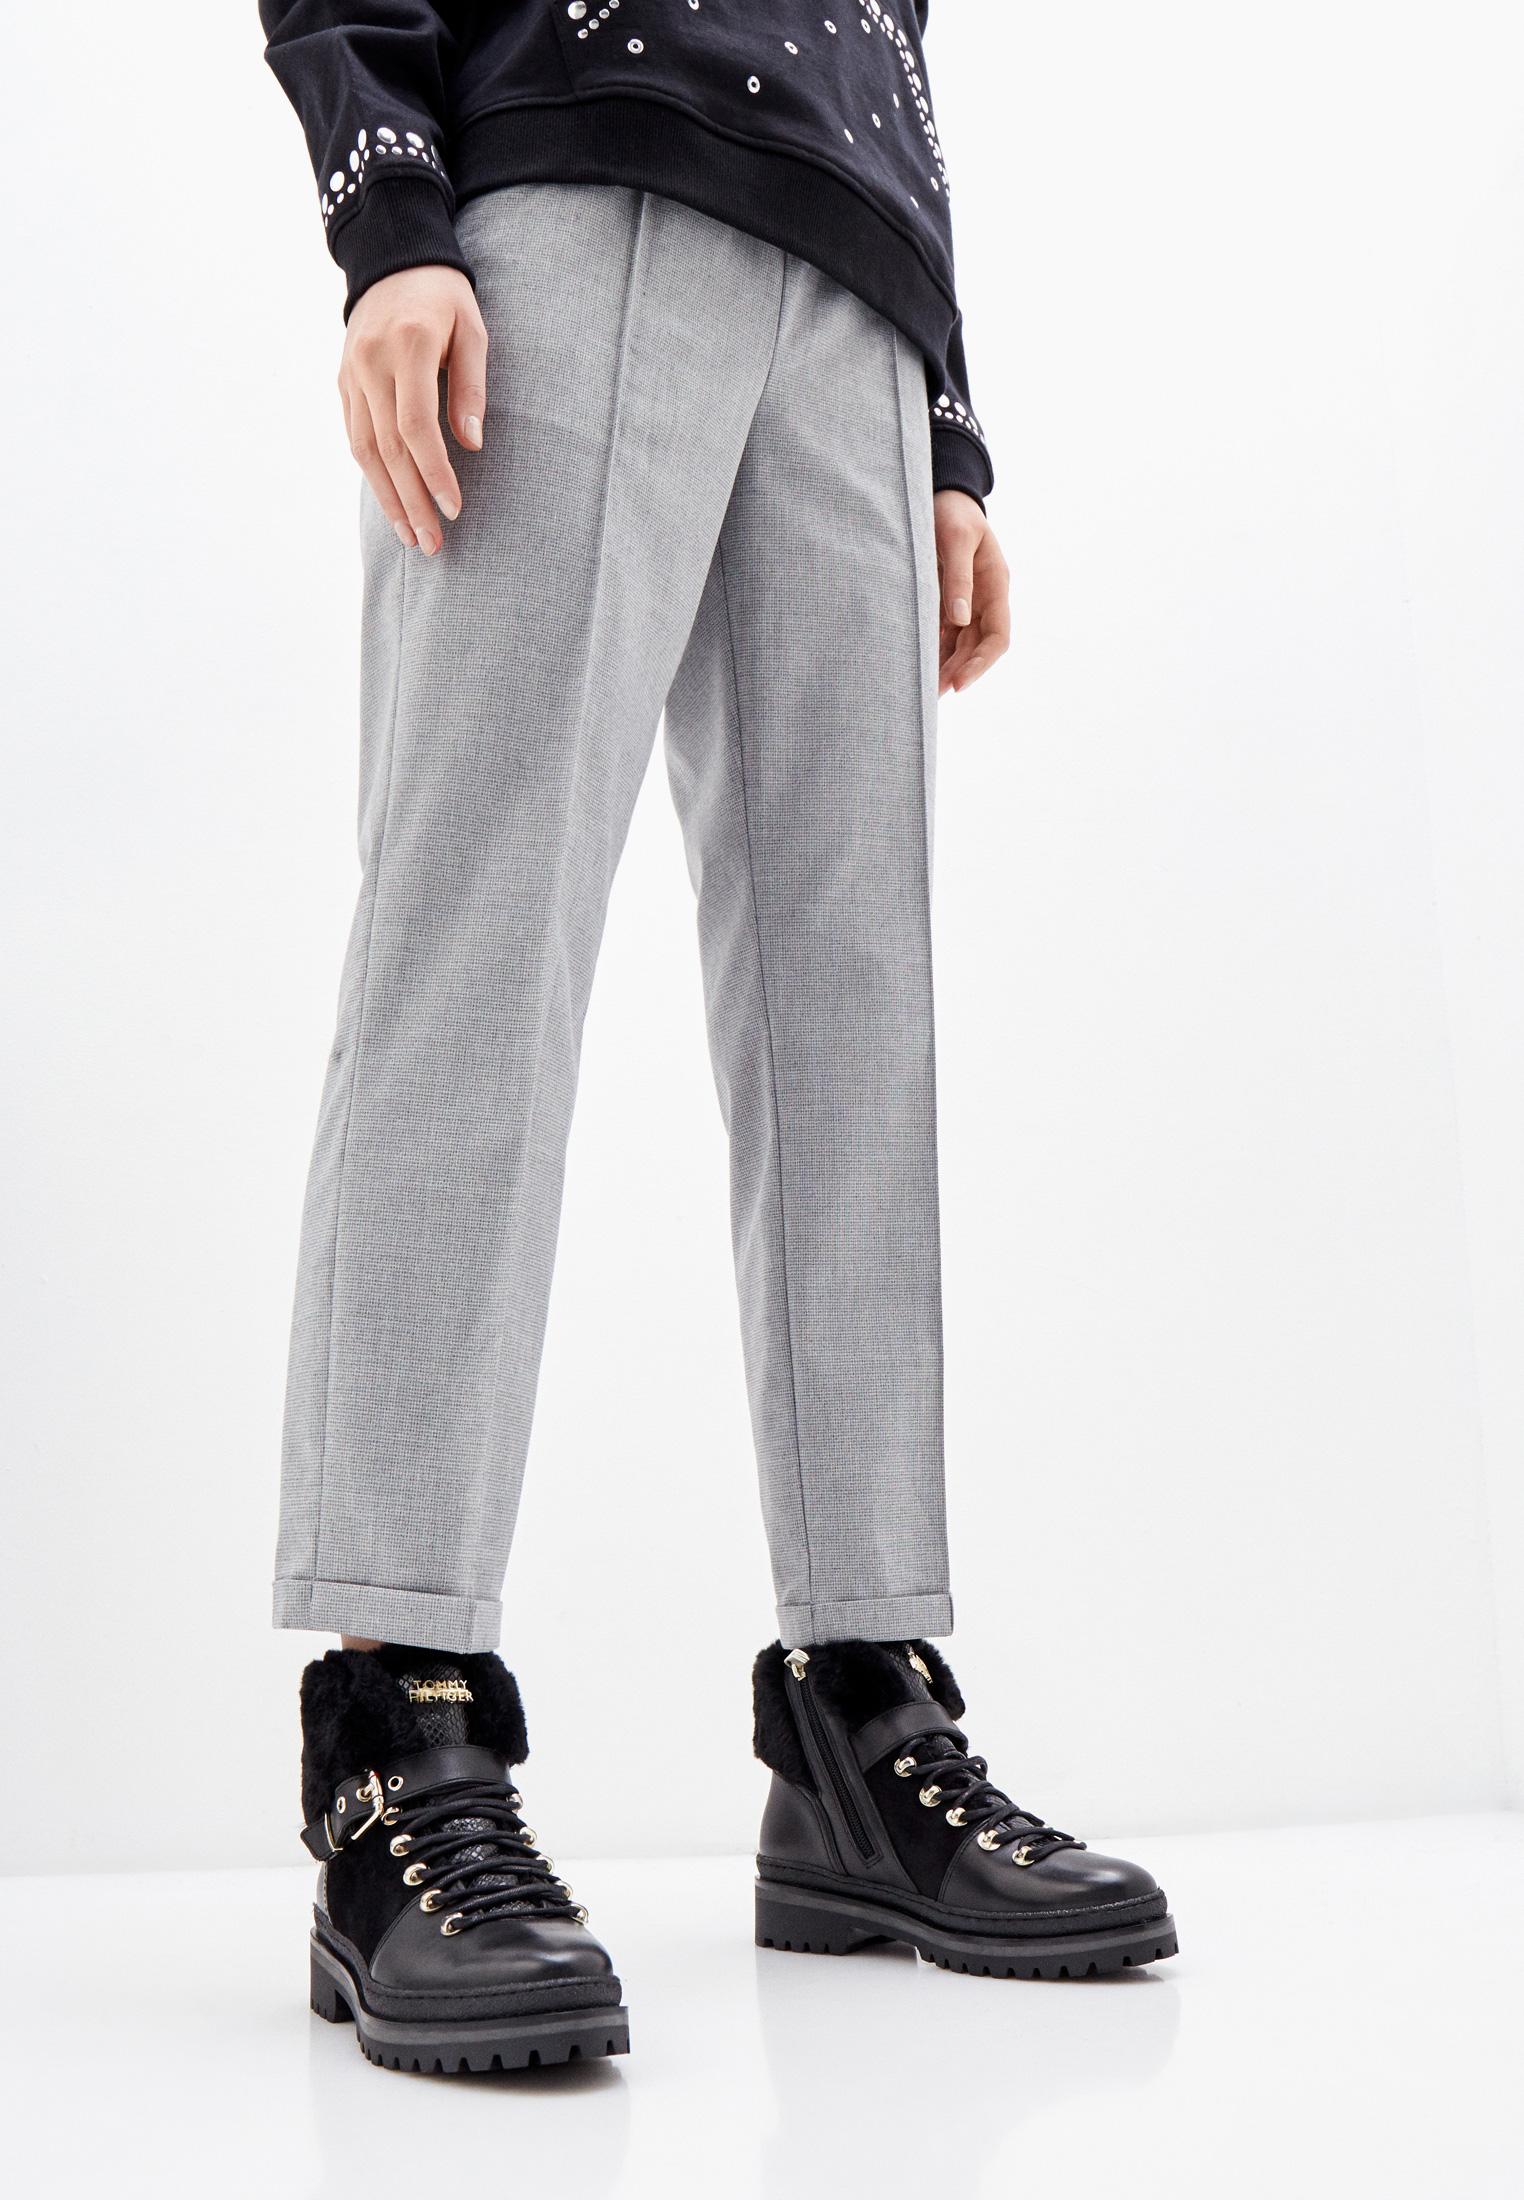 Женские ботинки Tommy Hilfiger (Томми Хилфигер) FW0FW05175: изображение 7